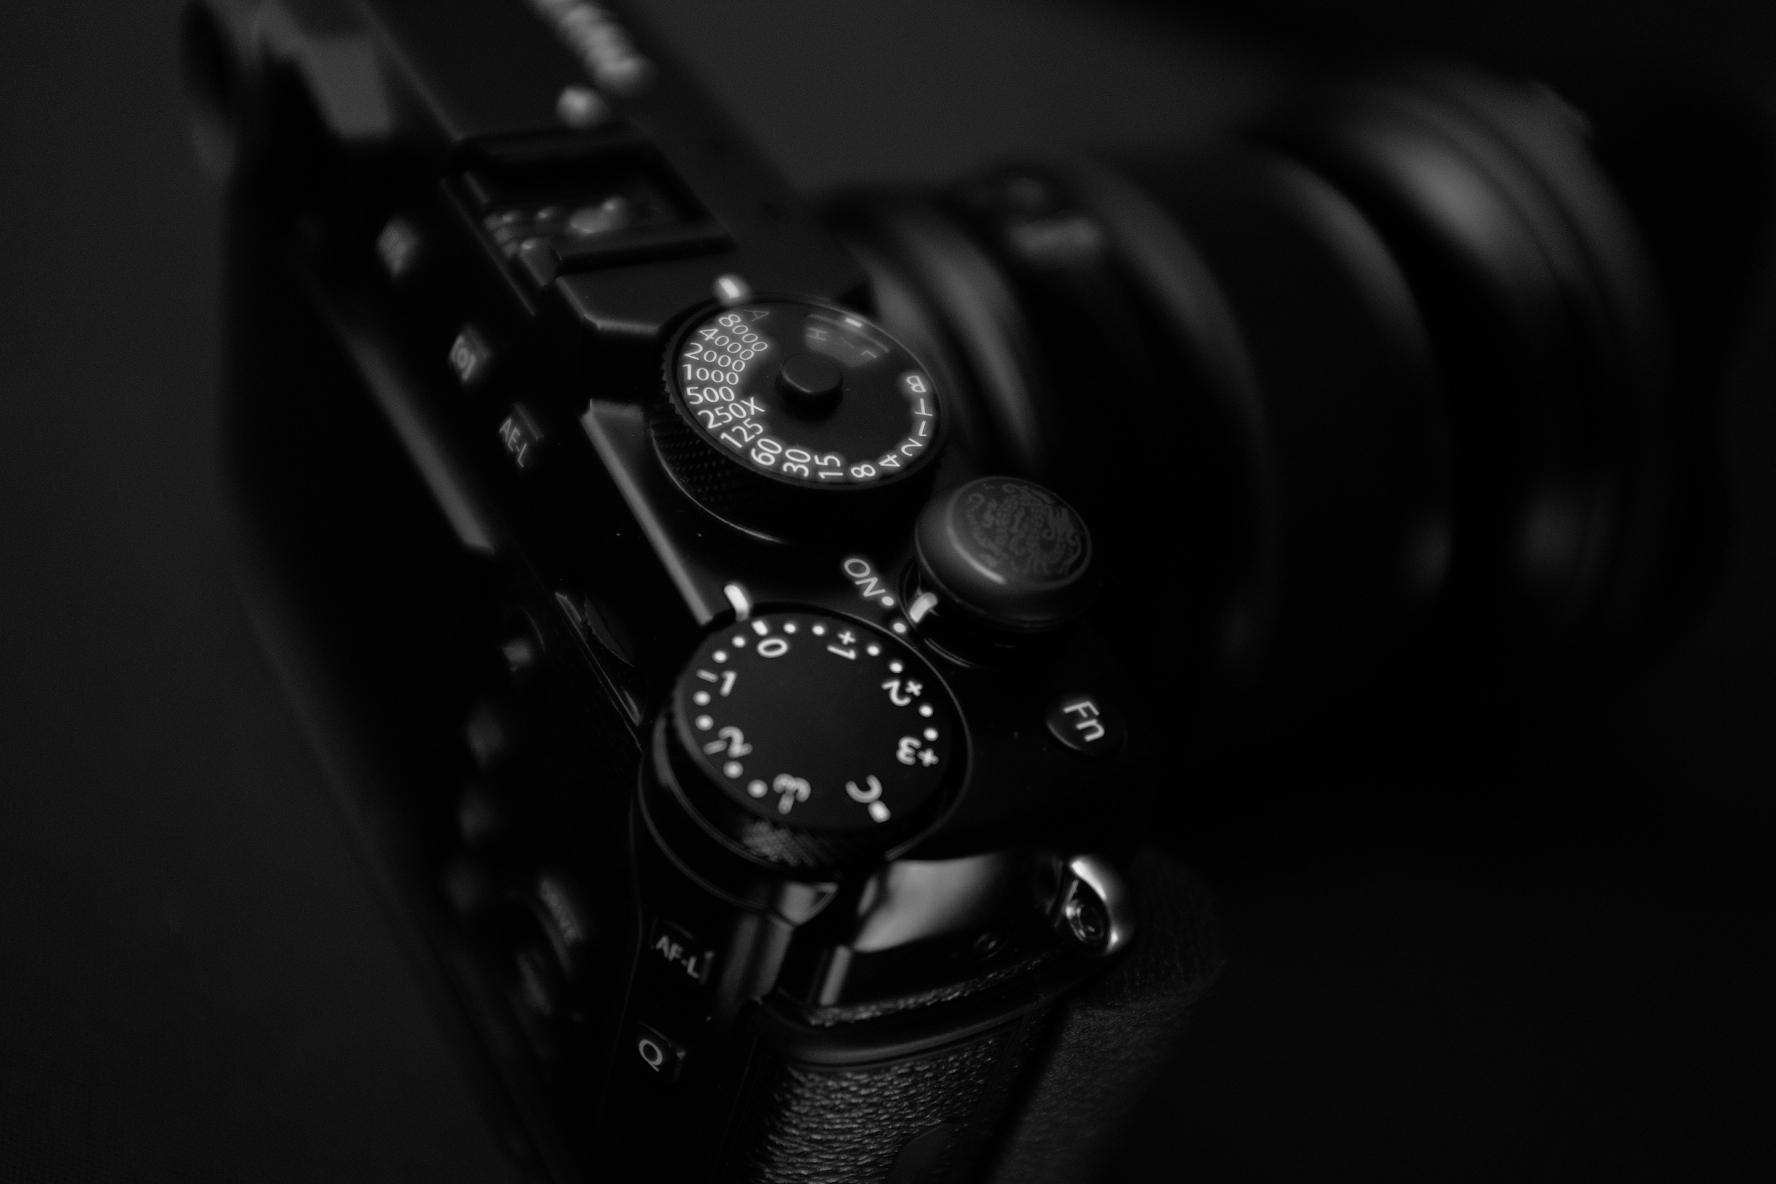 Fuji film's new X-Pro2...very retro